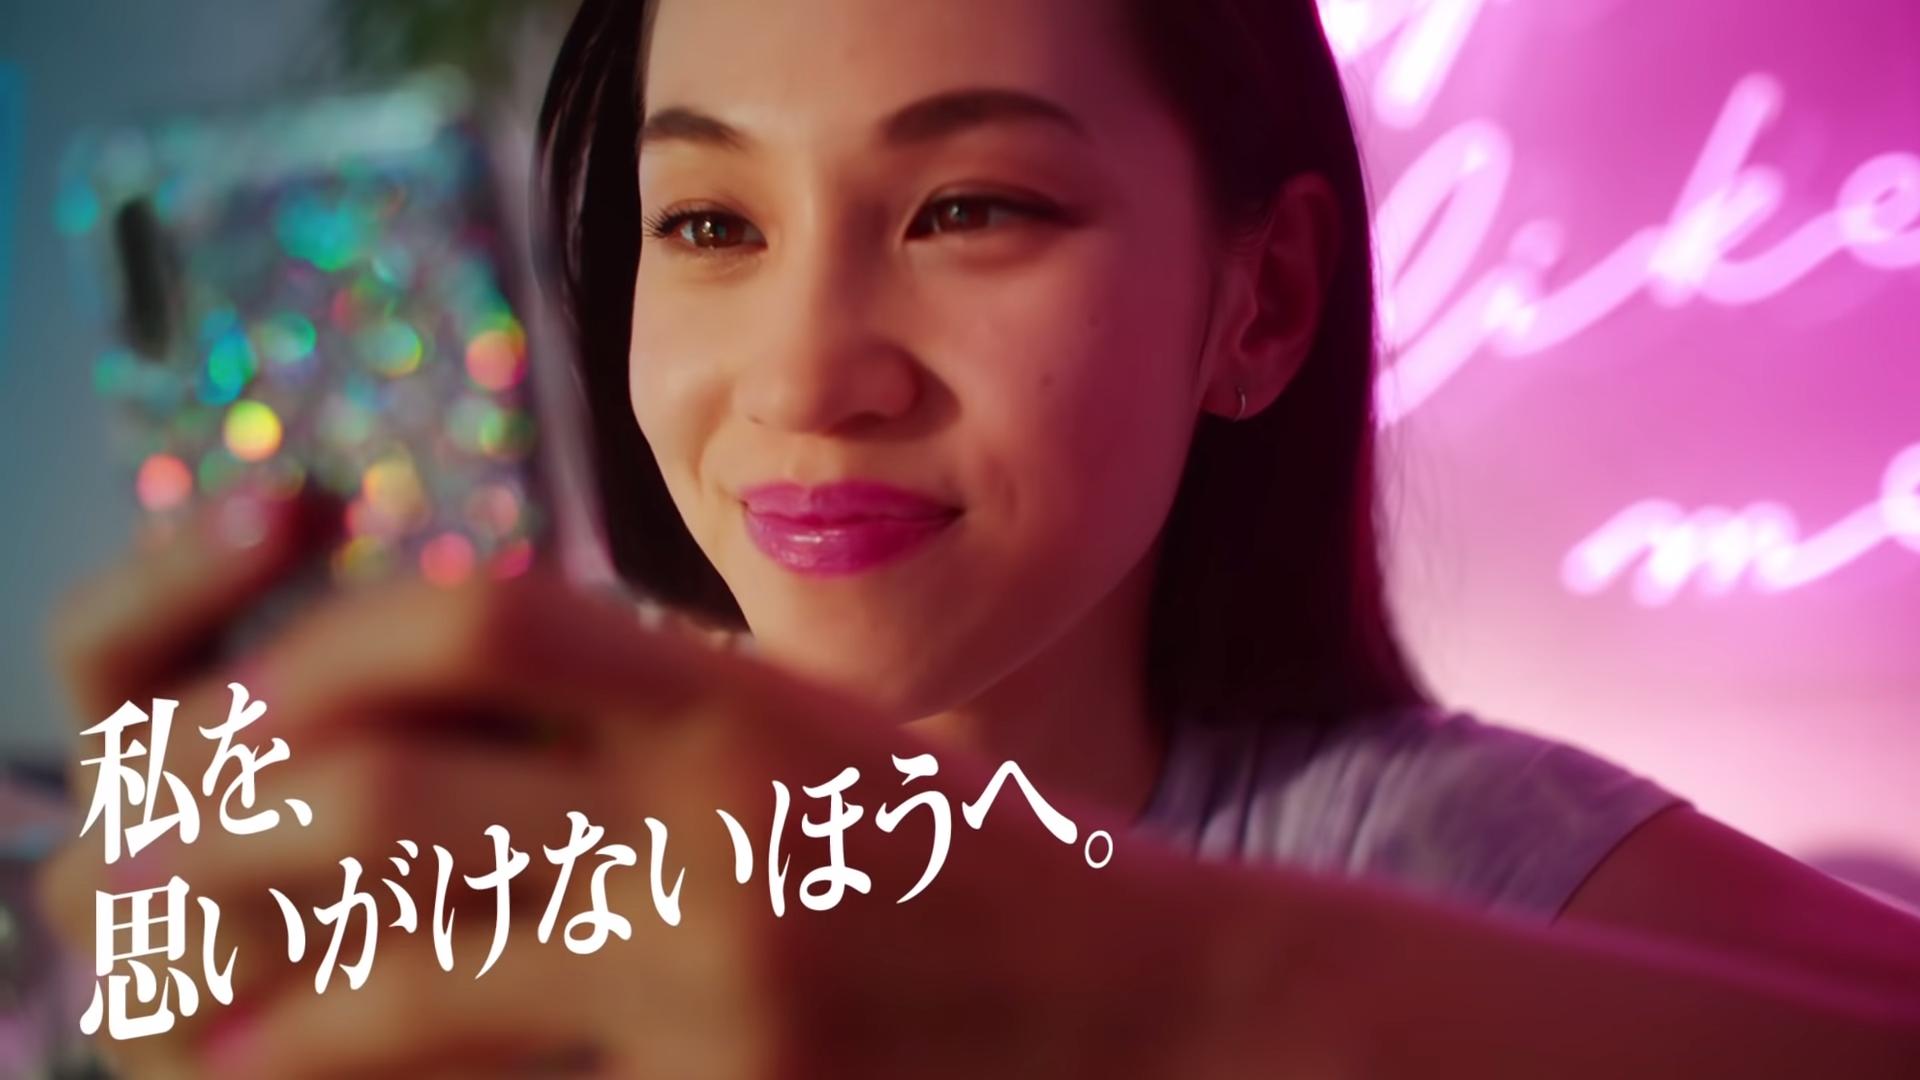 Tinder(ティンダー)水原希子CM動画「私を思いがけないほうへ(ドラマー)」篇(30秒)18+